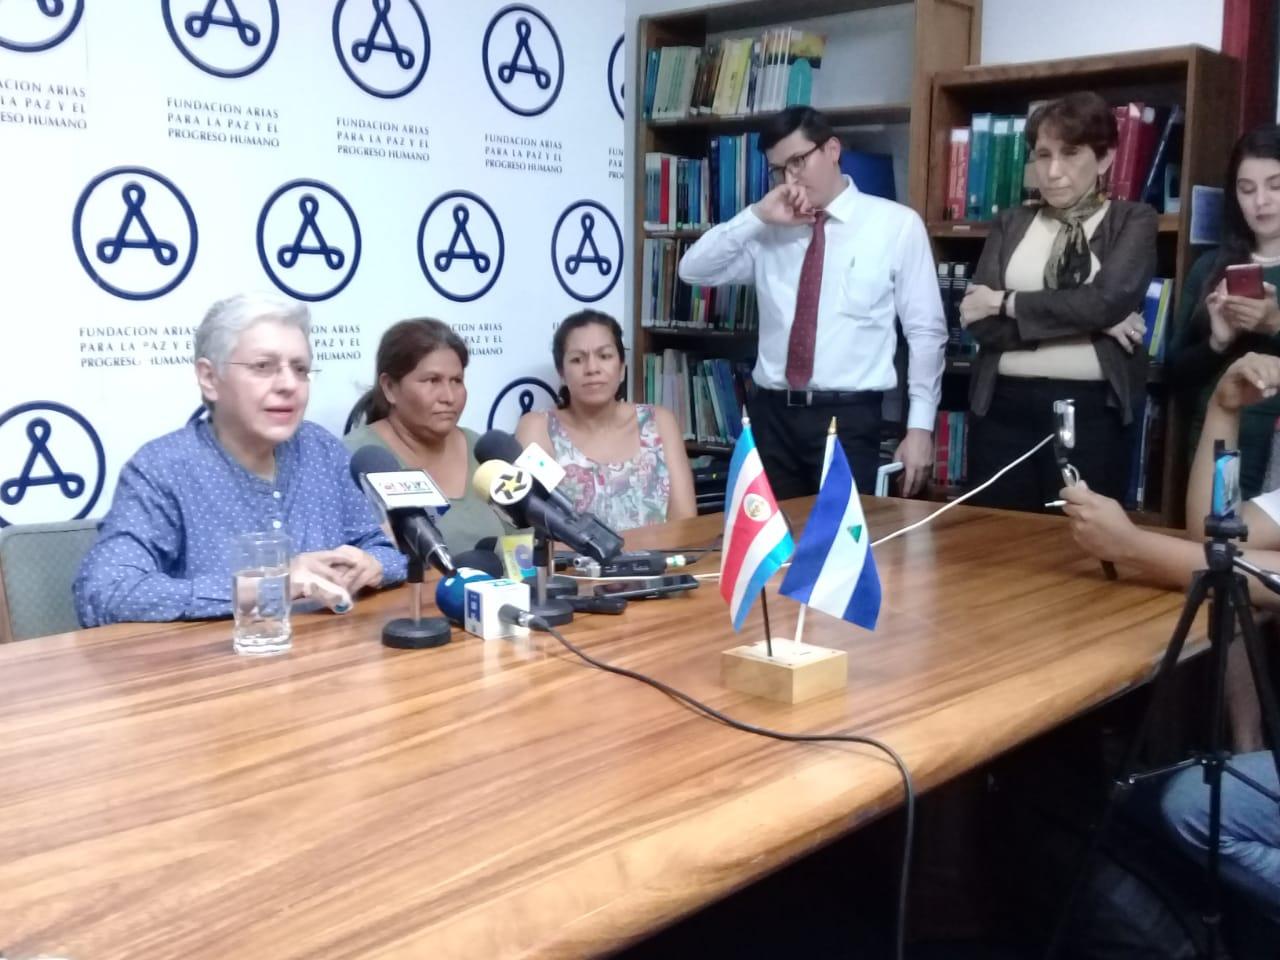 Ana Quirós denunciará a nivel internacional las serias violaciones de derechos humanos tras ser deportada a Costa Rica. Foto: Josué Garay